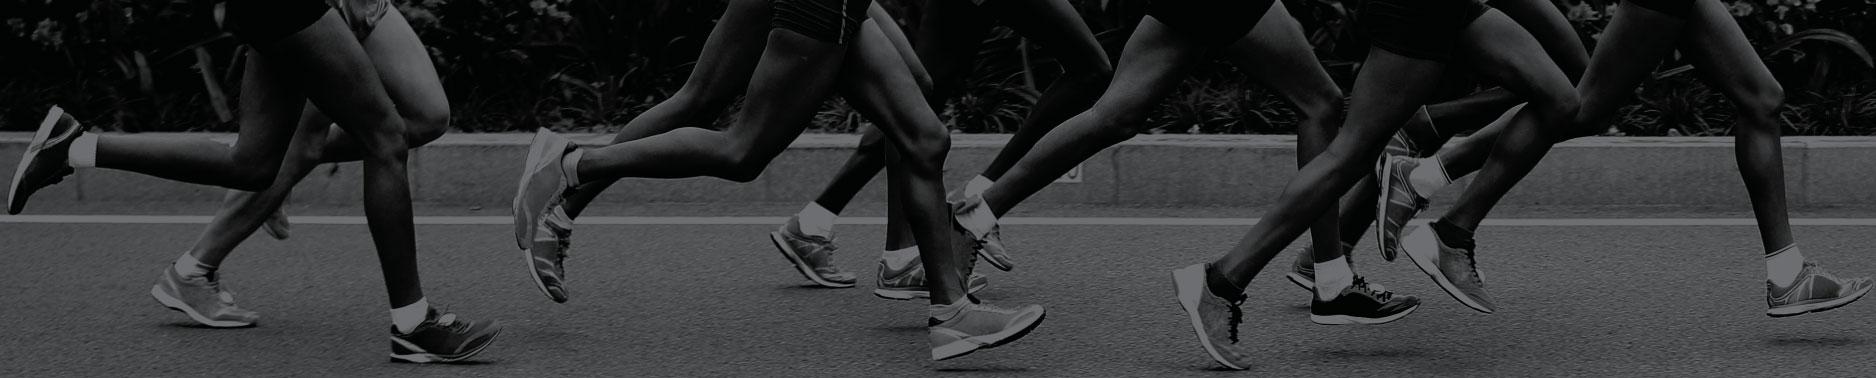 SGK-racecurejan2017-bg